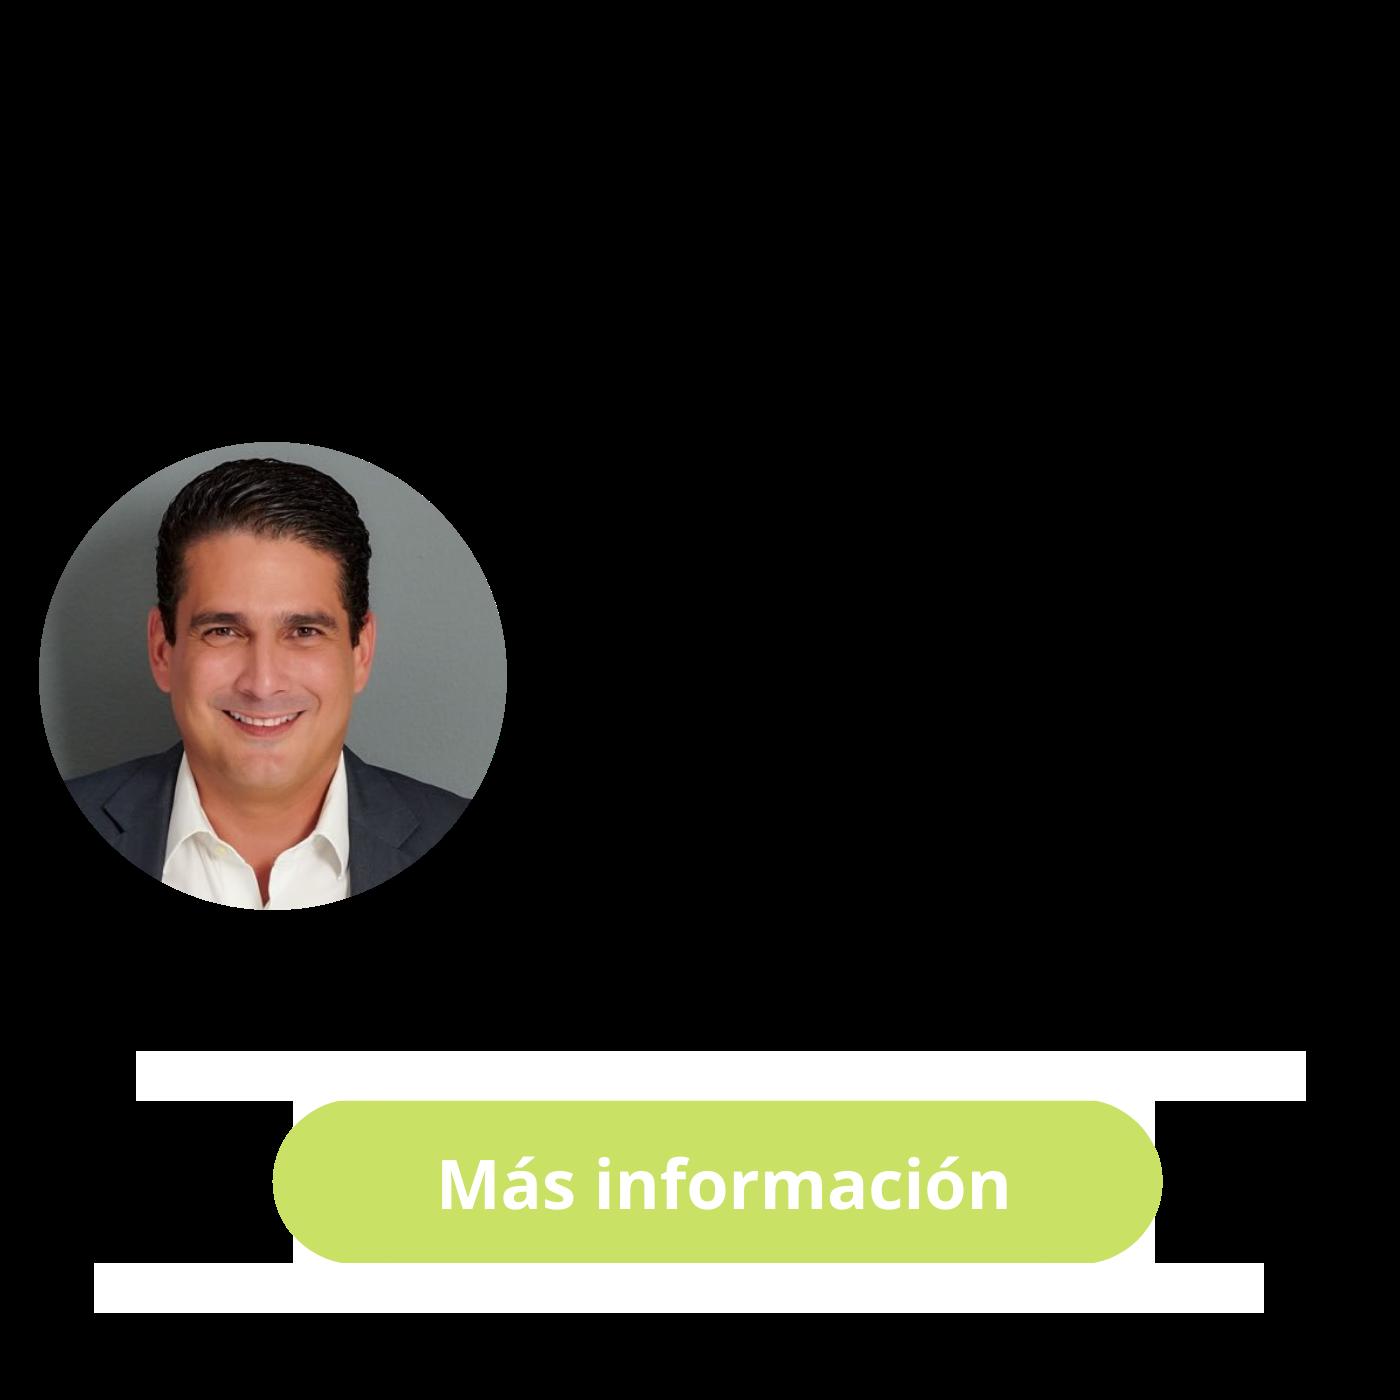 El Refuerzo De Transporte Público Y El Parqueo En Santa Tecla. Newsletter. Infografía. Roberto d'Aubuisson. 2021